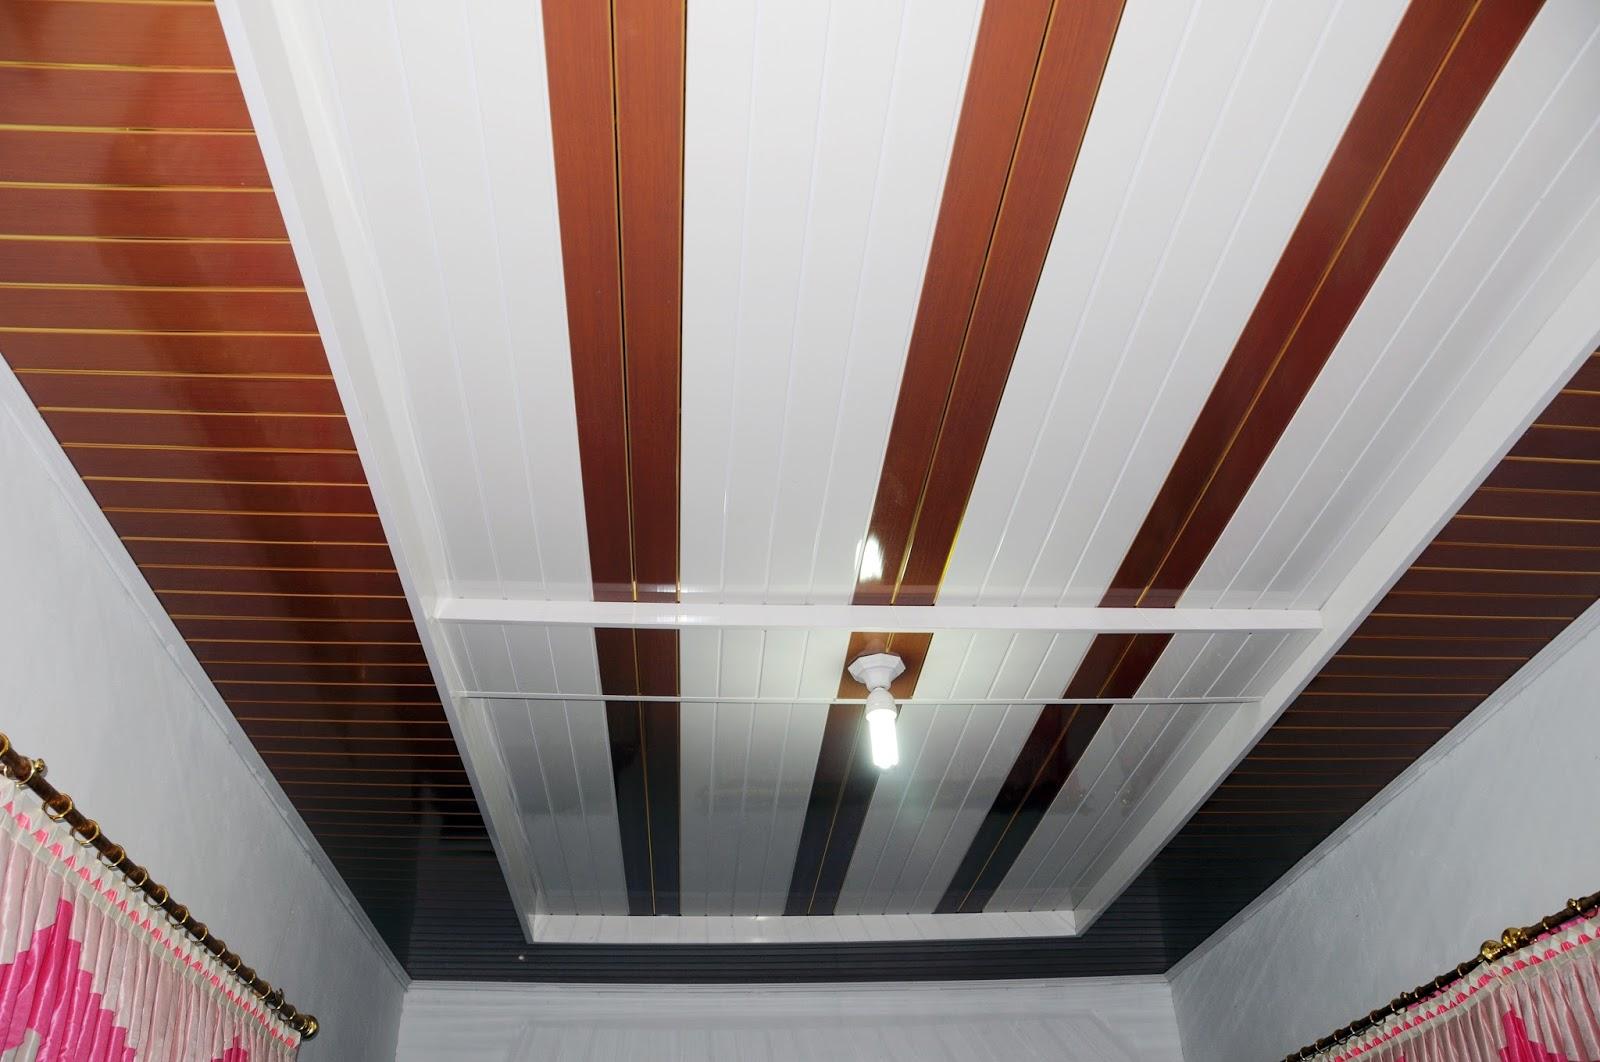 Desain Plafon Pvc  Terbaru Desain  Rumah Minimalis Terbaru